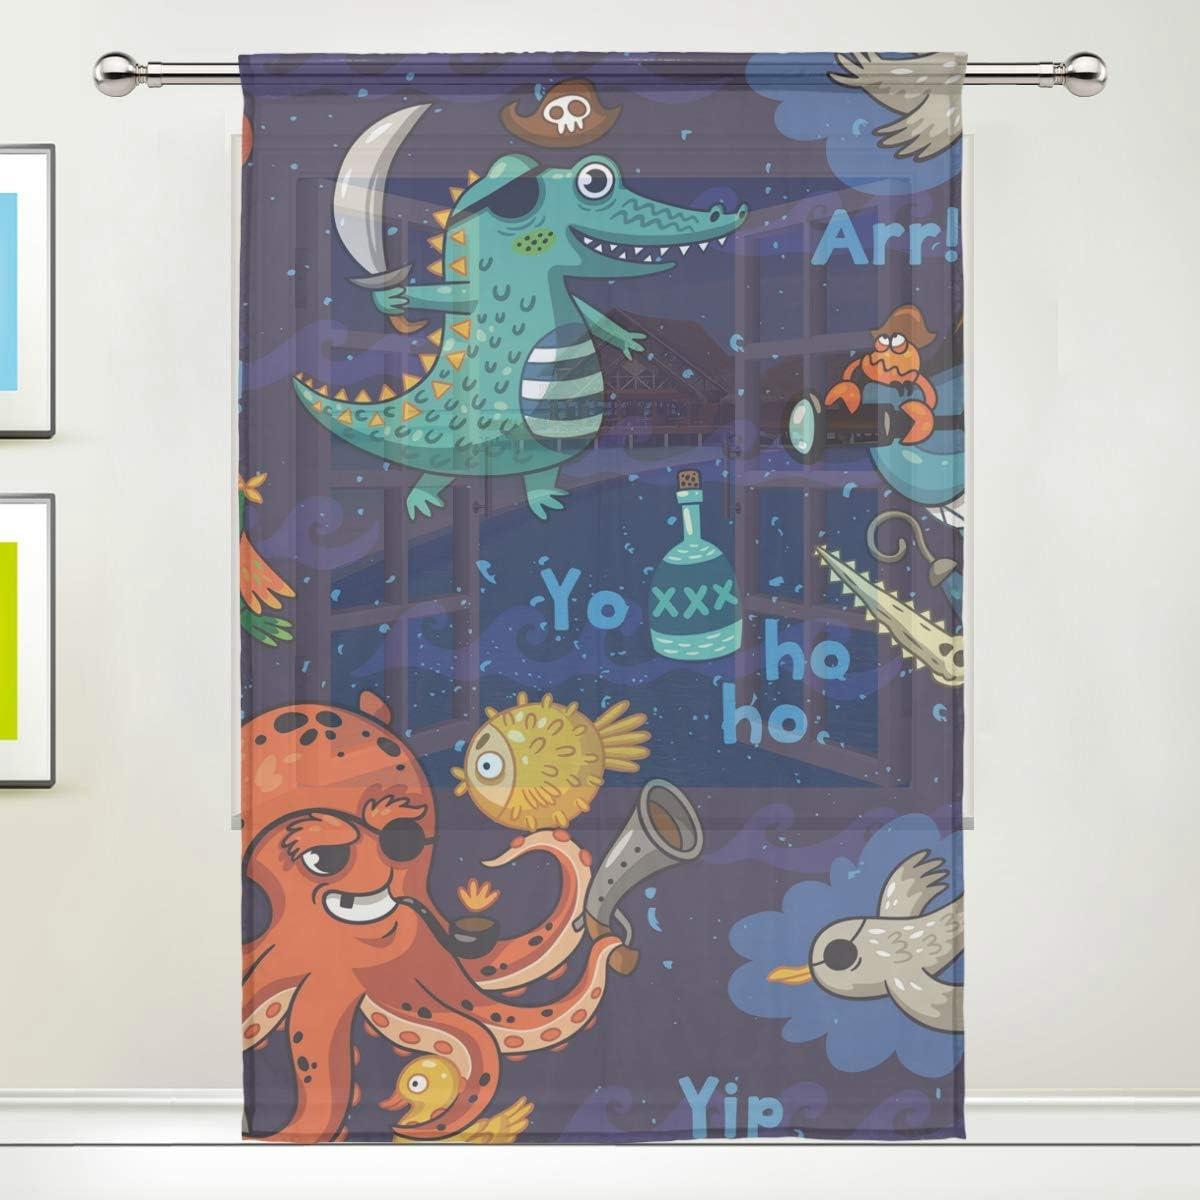 /él/égant JIRT Sheer Curtains-Funny Cartoon Ocean Animal Pirates-1 Panneau W55 x L78 Pouces-Voile Tulle Rideaux-Panneau Beau Rideaux de fen/être pour la d/écoration Chambre Salon